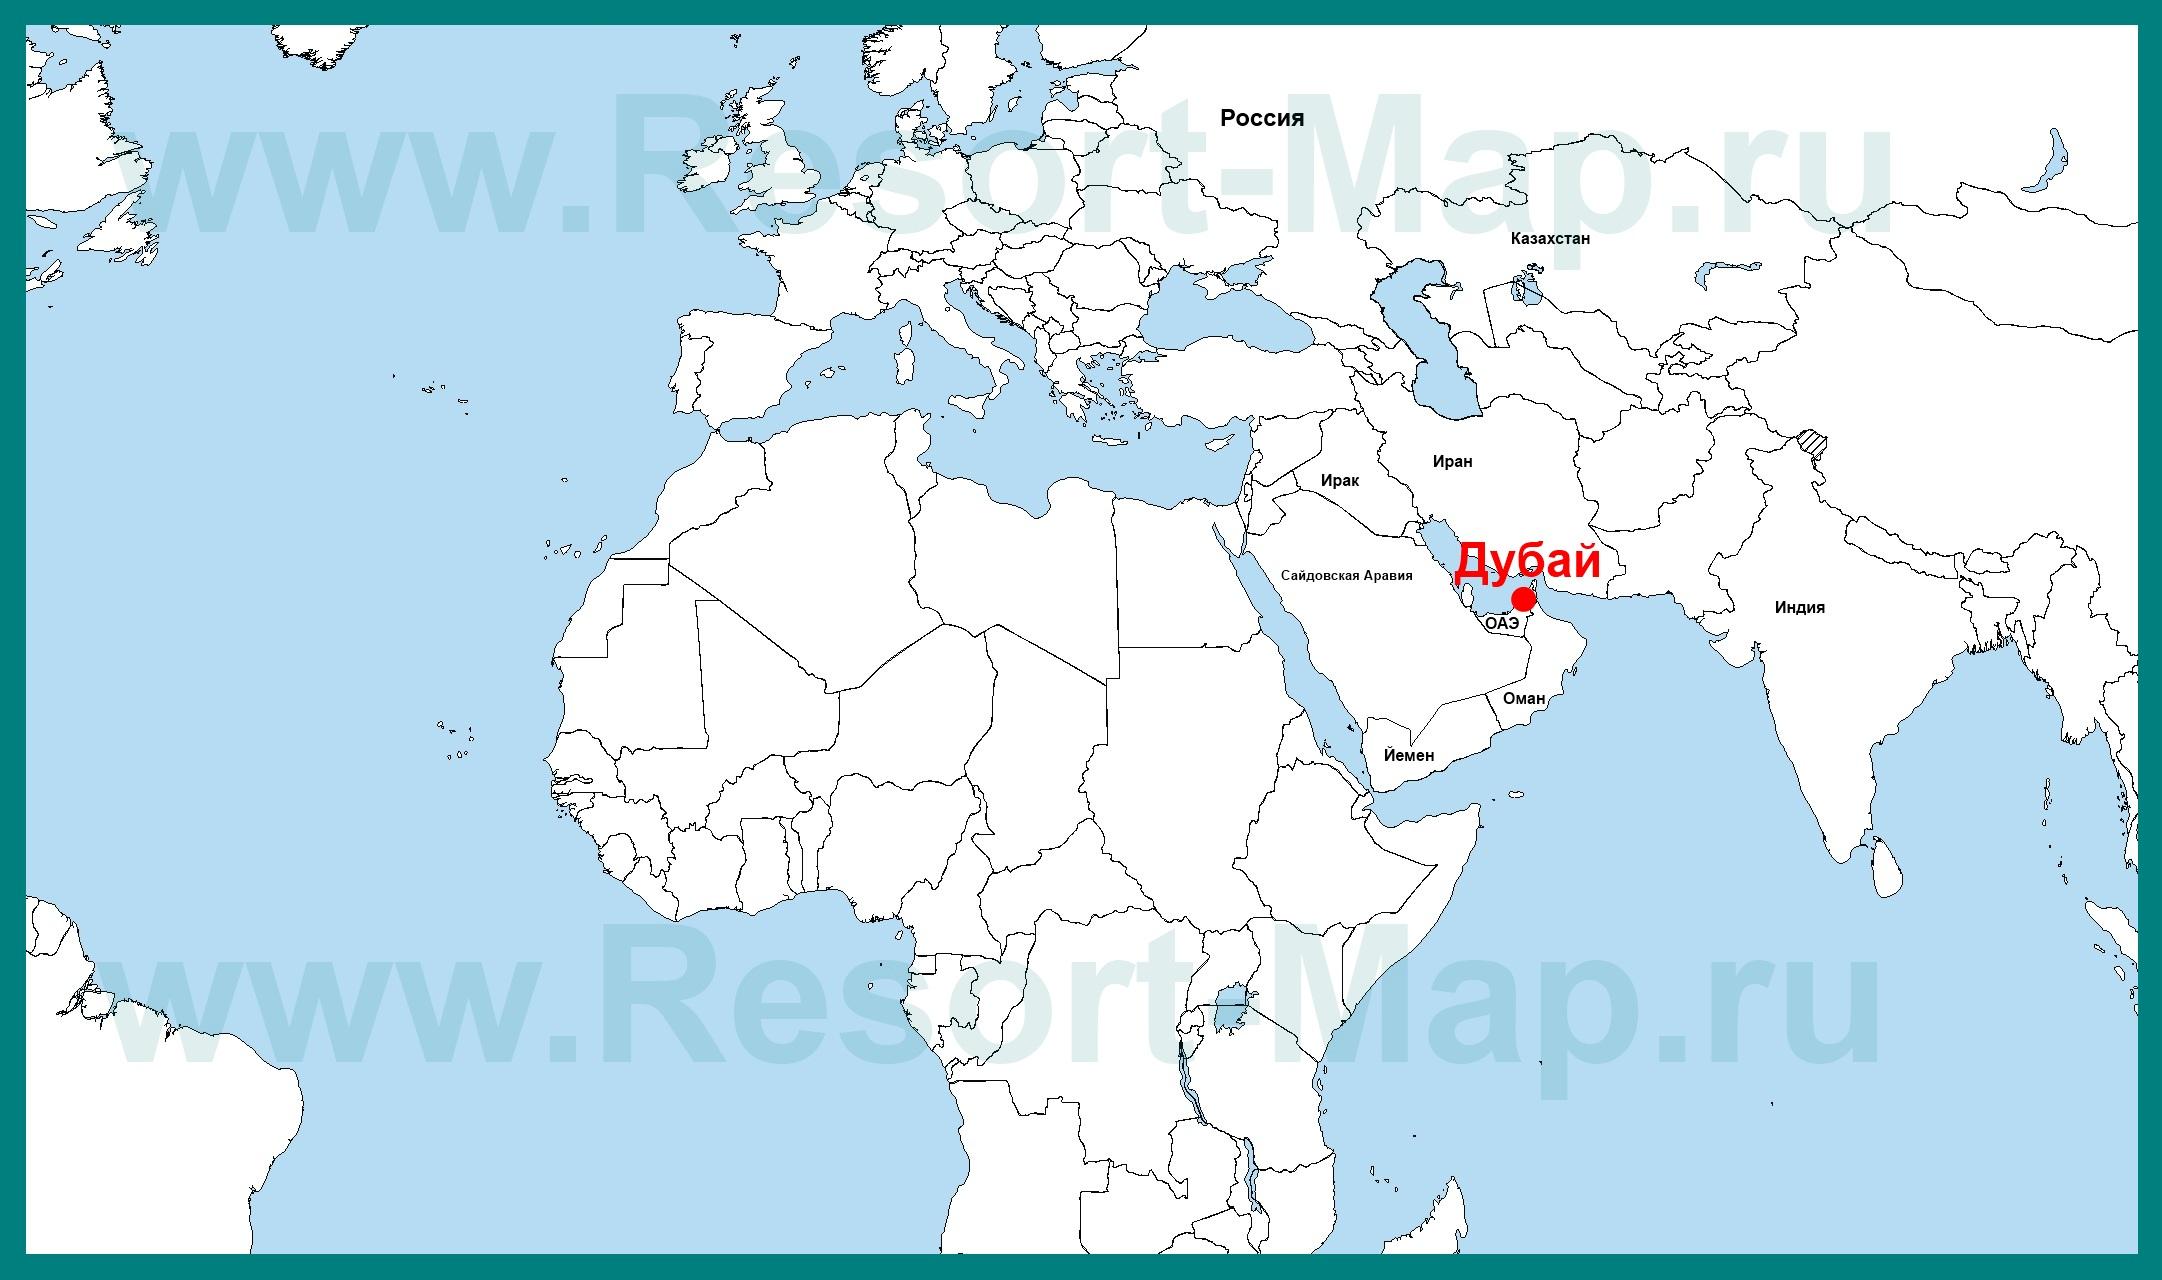 пляжи дубая на карте на русском